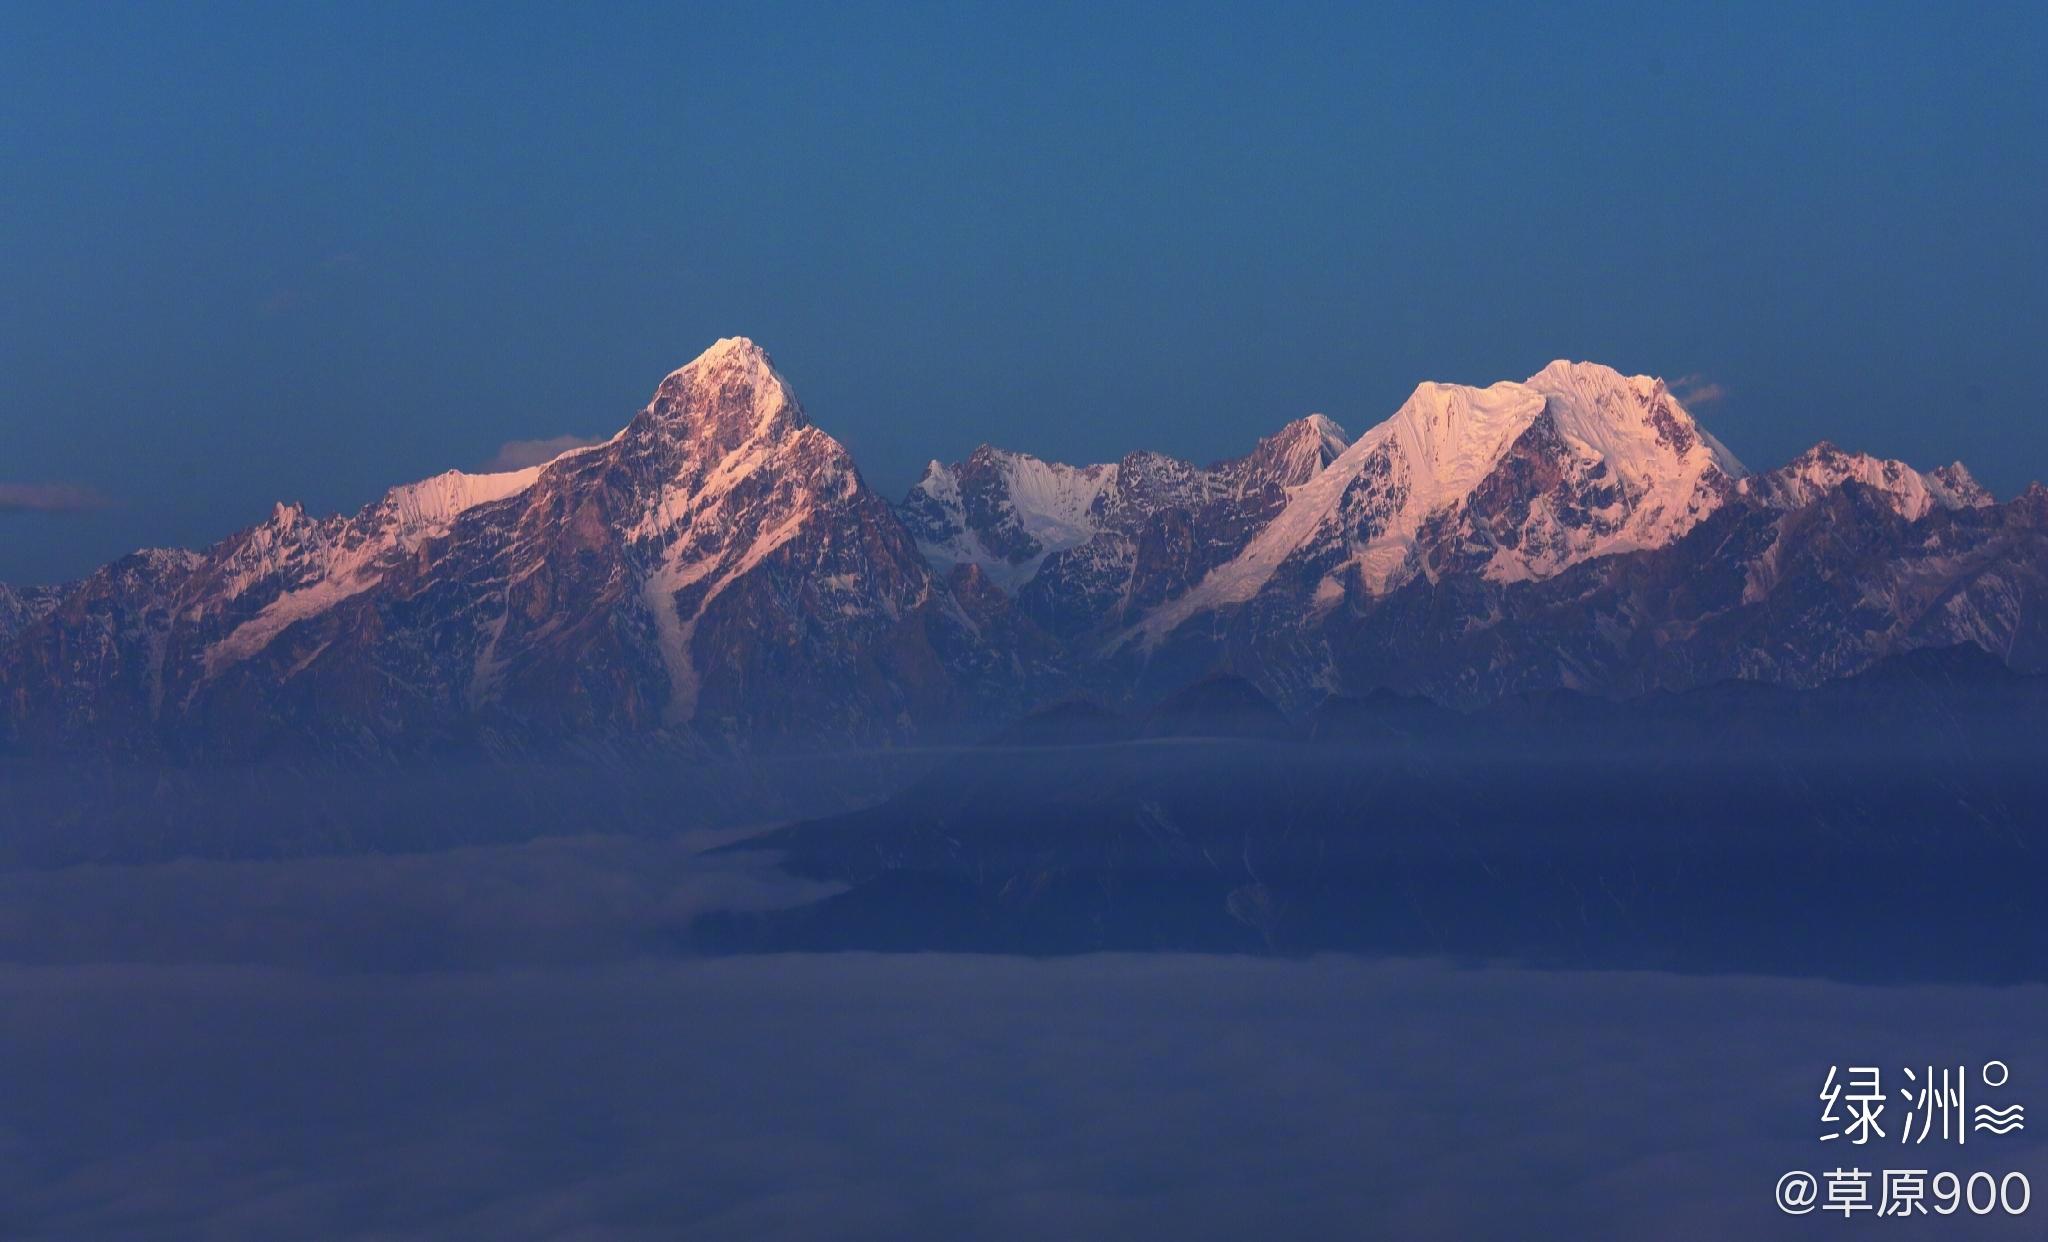 牛背山 牛背山是野牛山山脉一部分,位于四川省雅安市荥经县境内